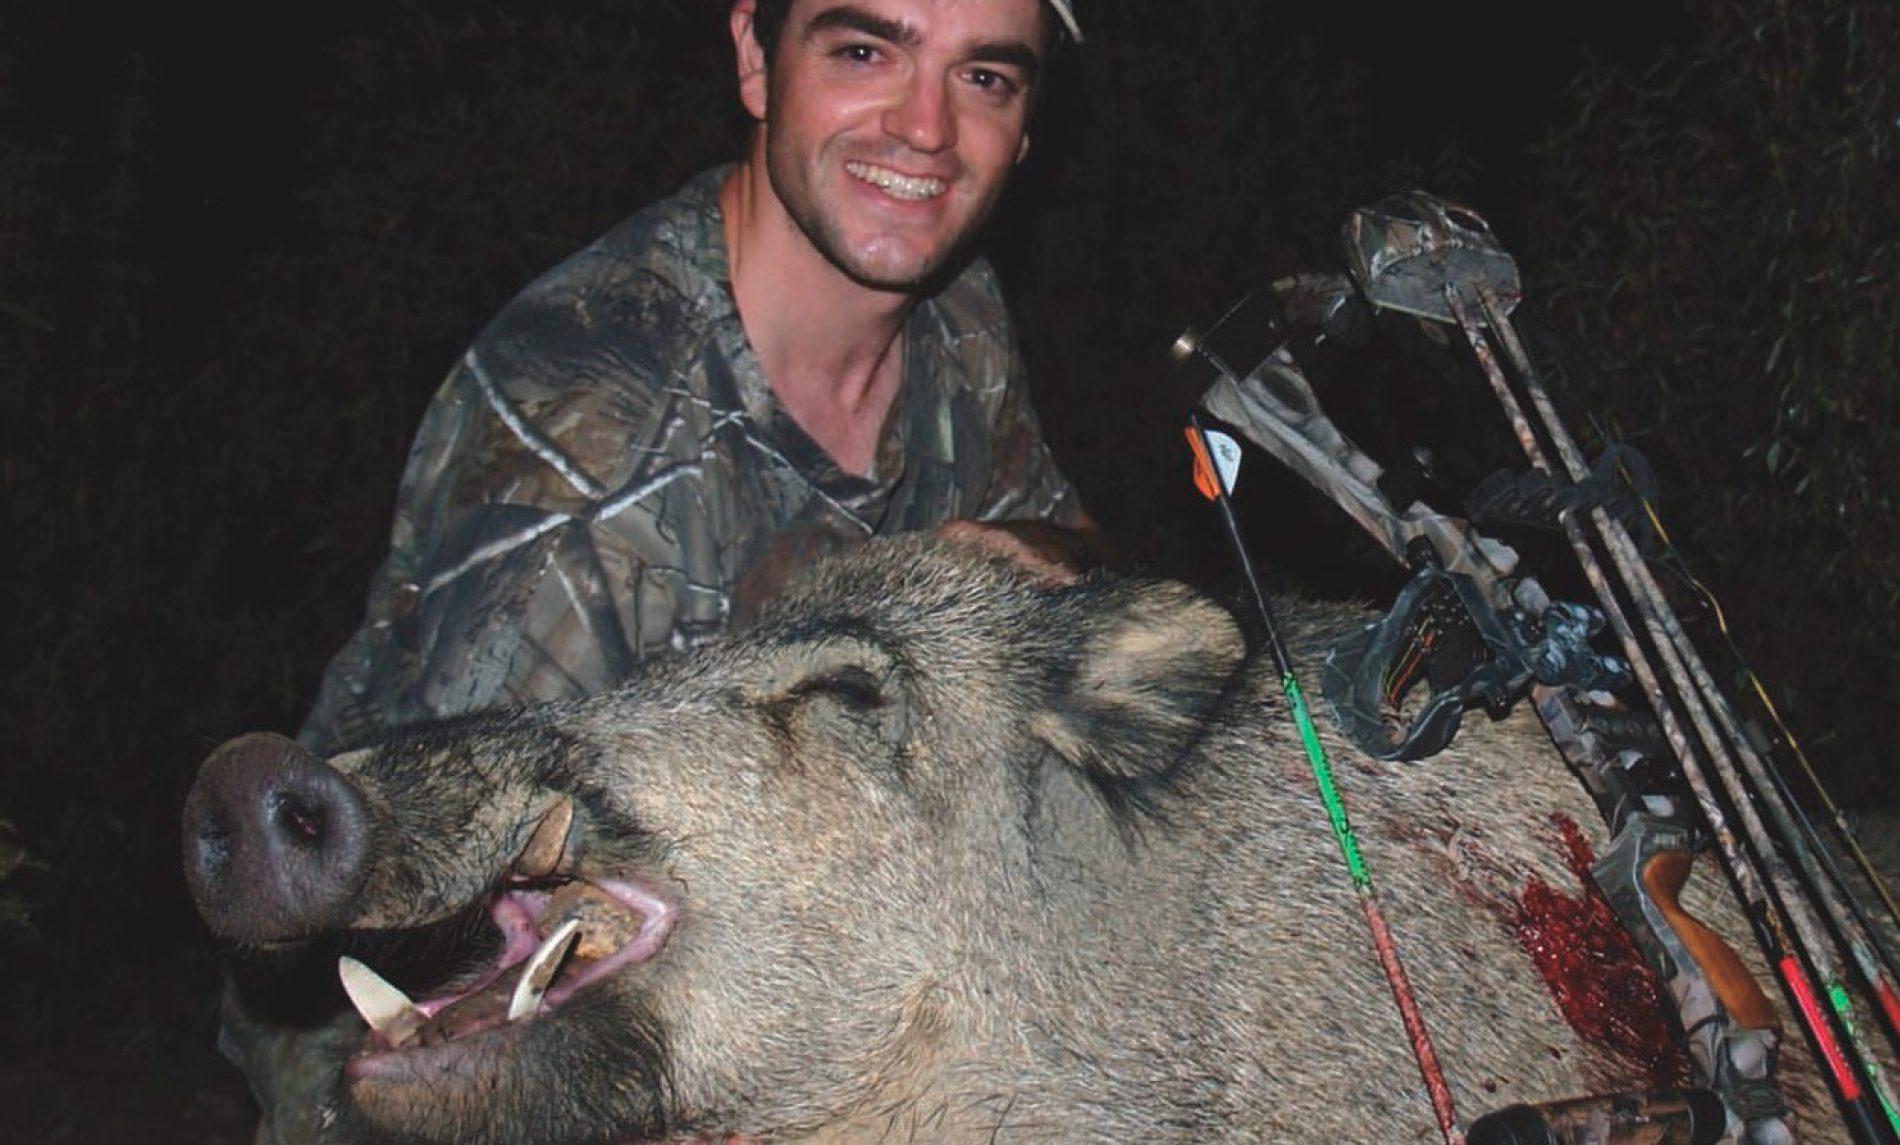 Accesorios del arco compuesto. Introducción a la caza con arco (III)